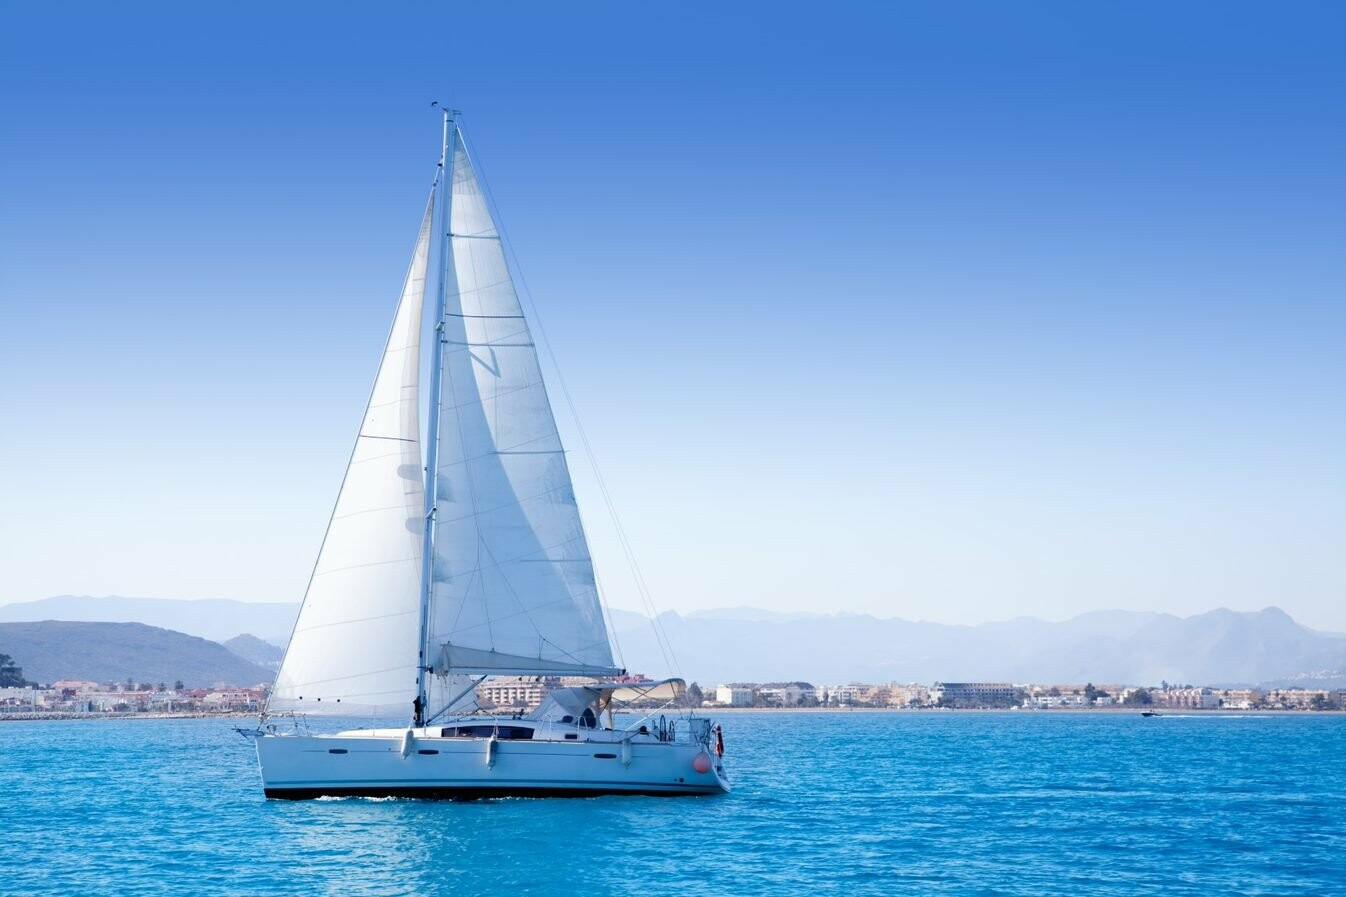 Если вы хотите активно провести свои майские праздники - выберите чартер яхт в Хорватии!, фото-1